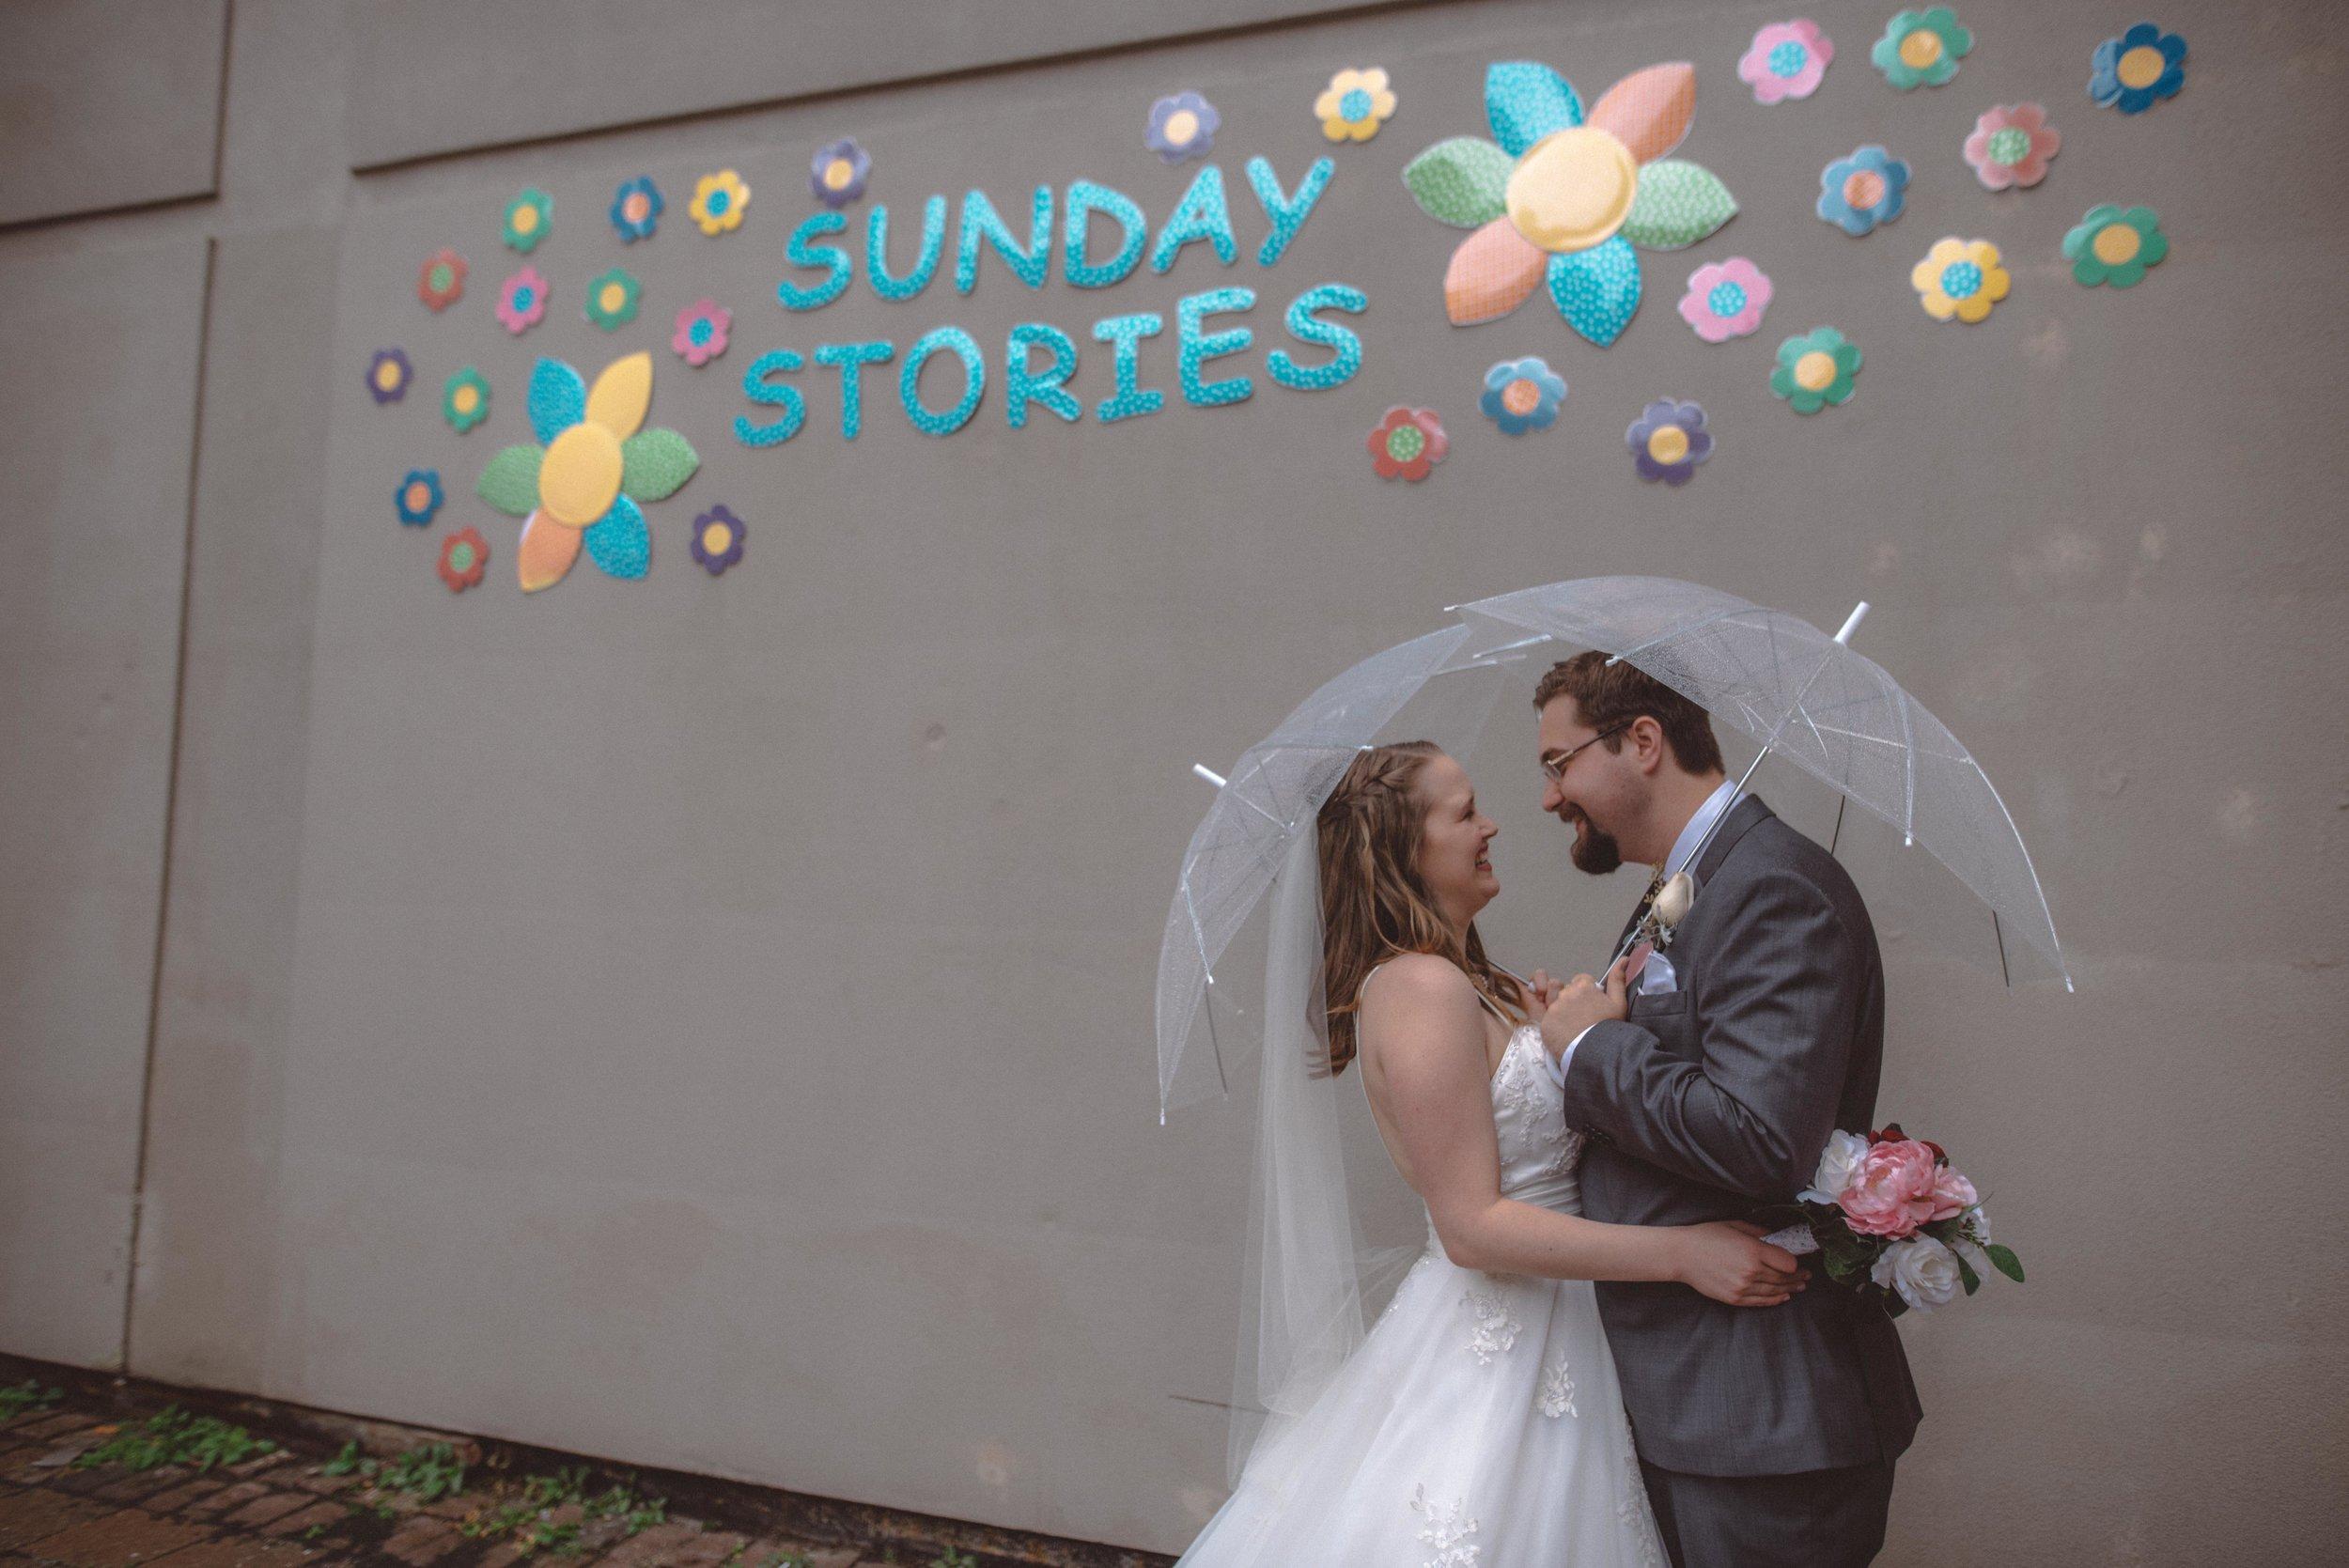 wedding_photographer_lifestyle_documentary_photographe_ottawa_gatineau-22.jpg